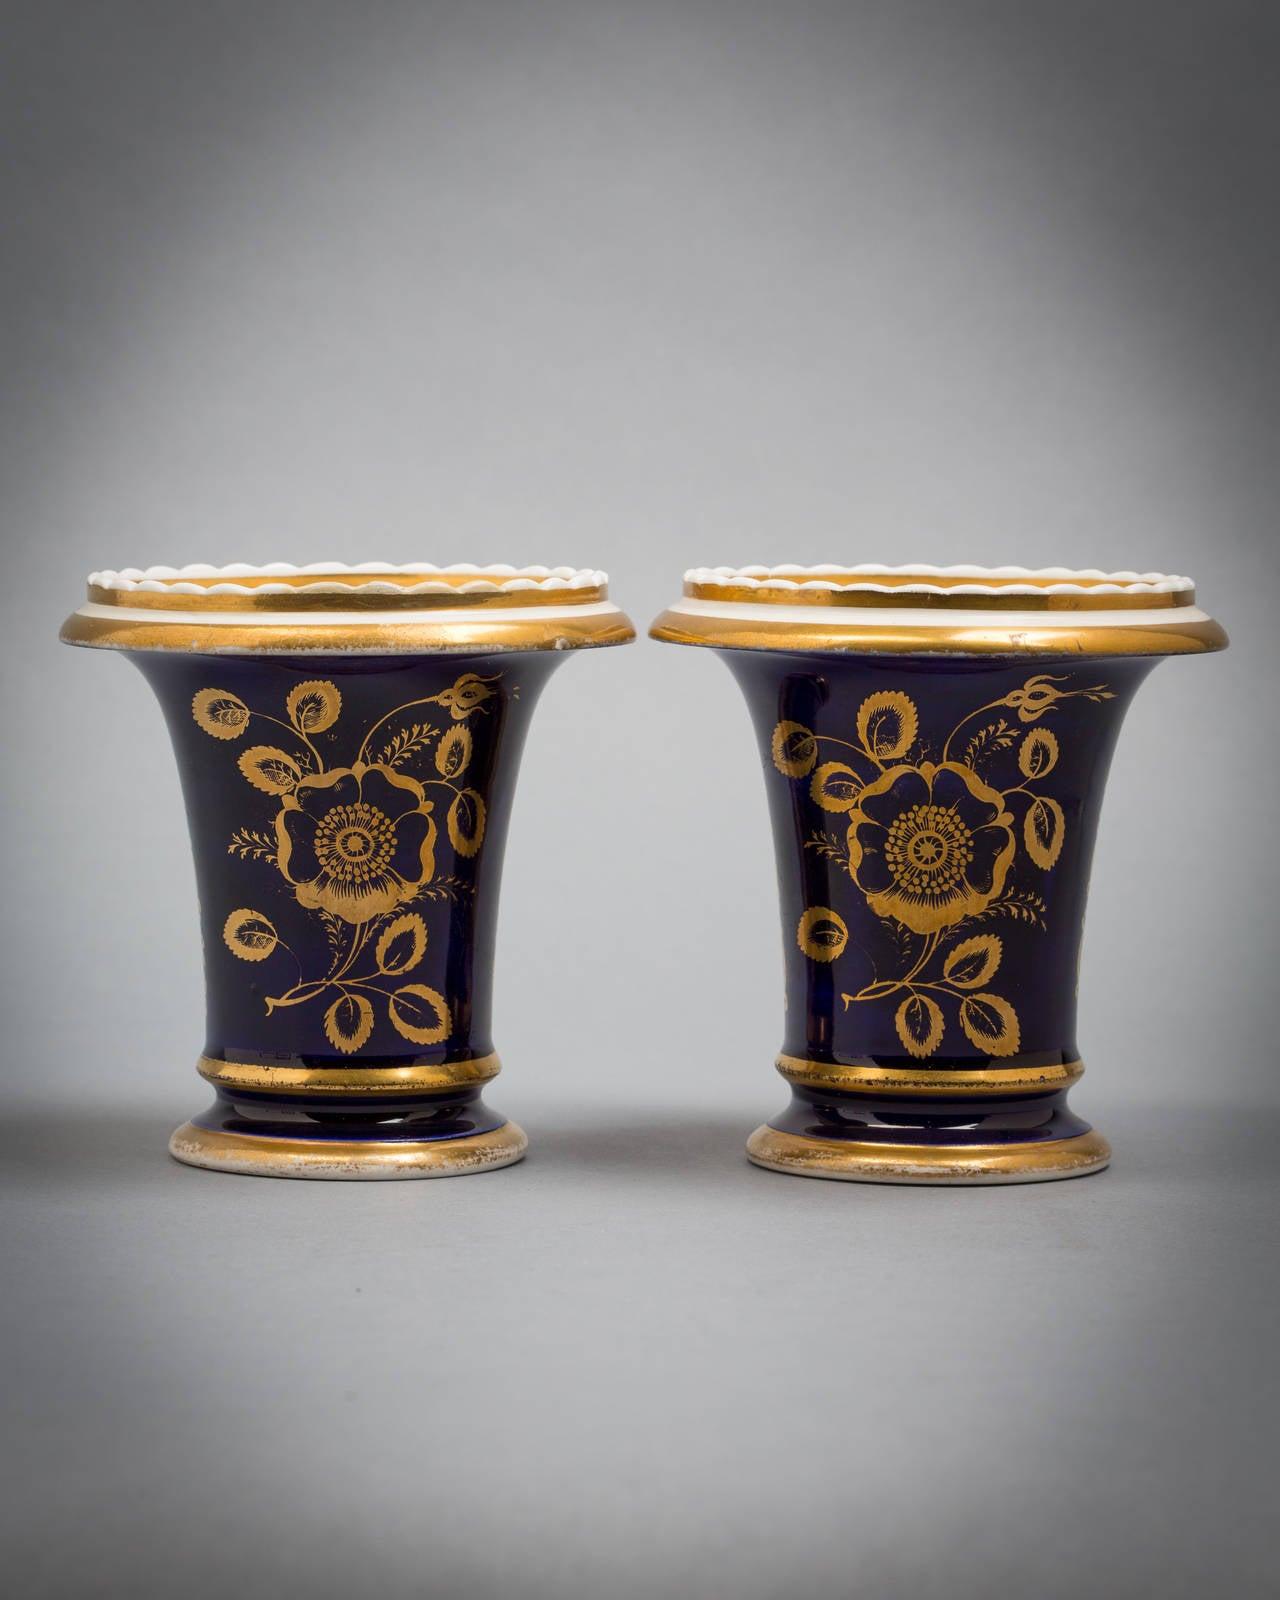 Pair of English porcelain vases, Coalport, circa 1820.